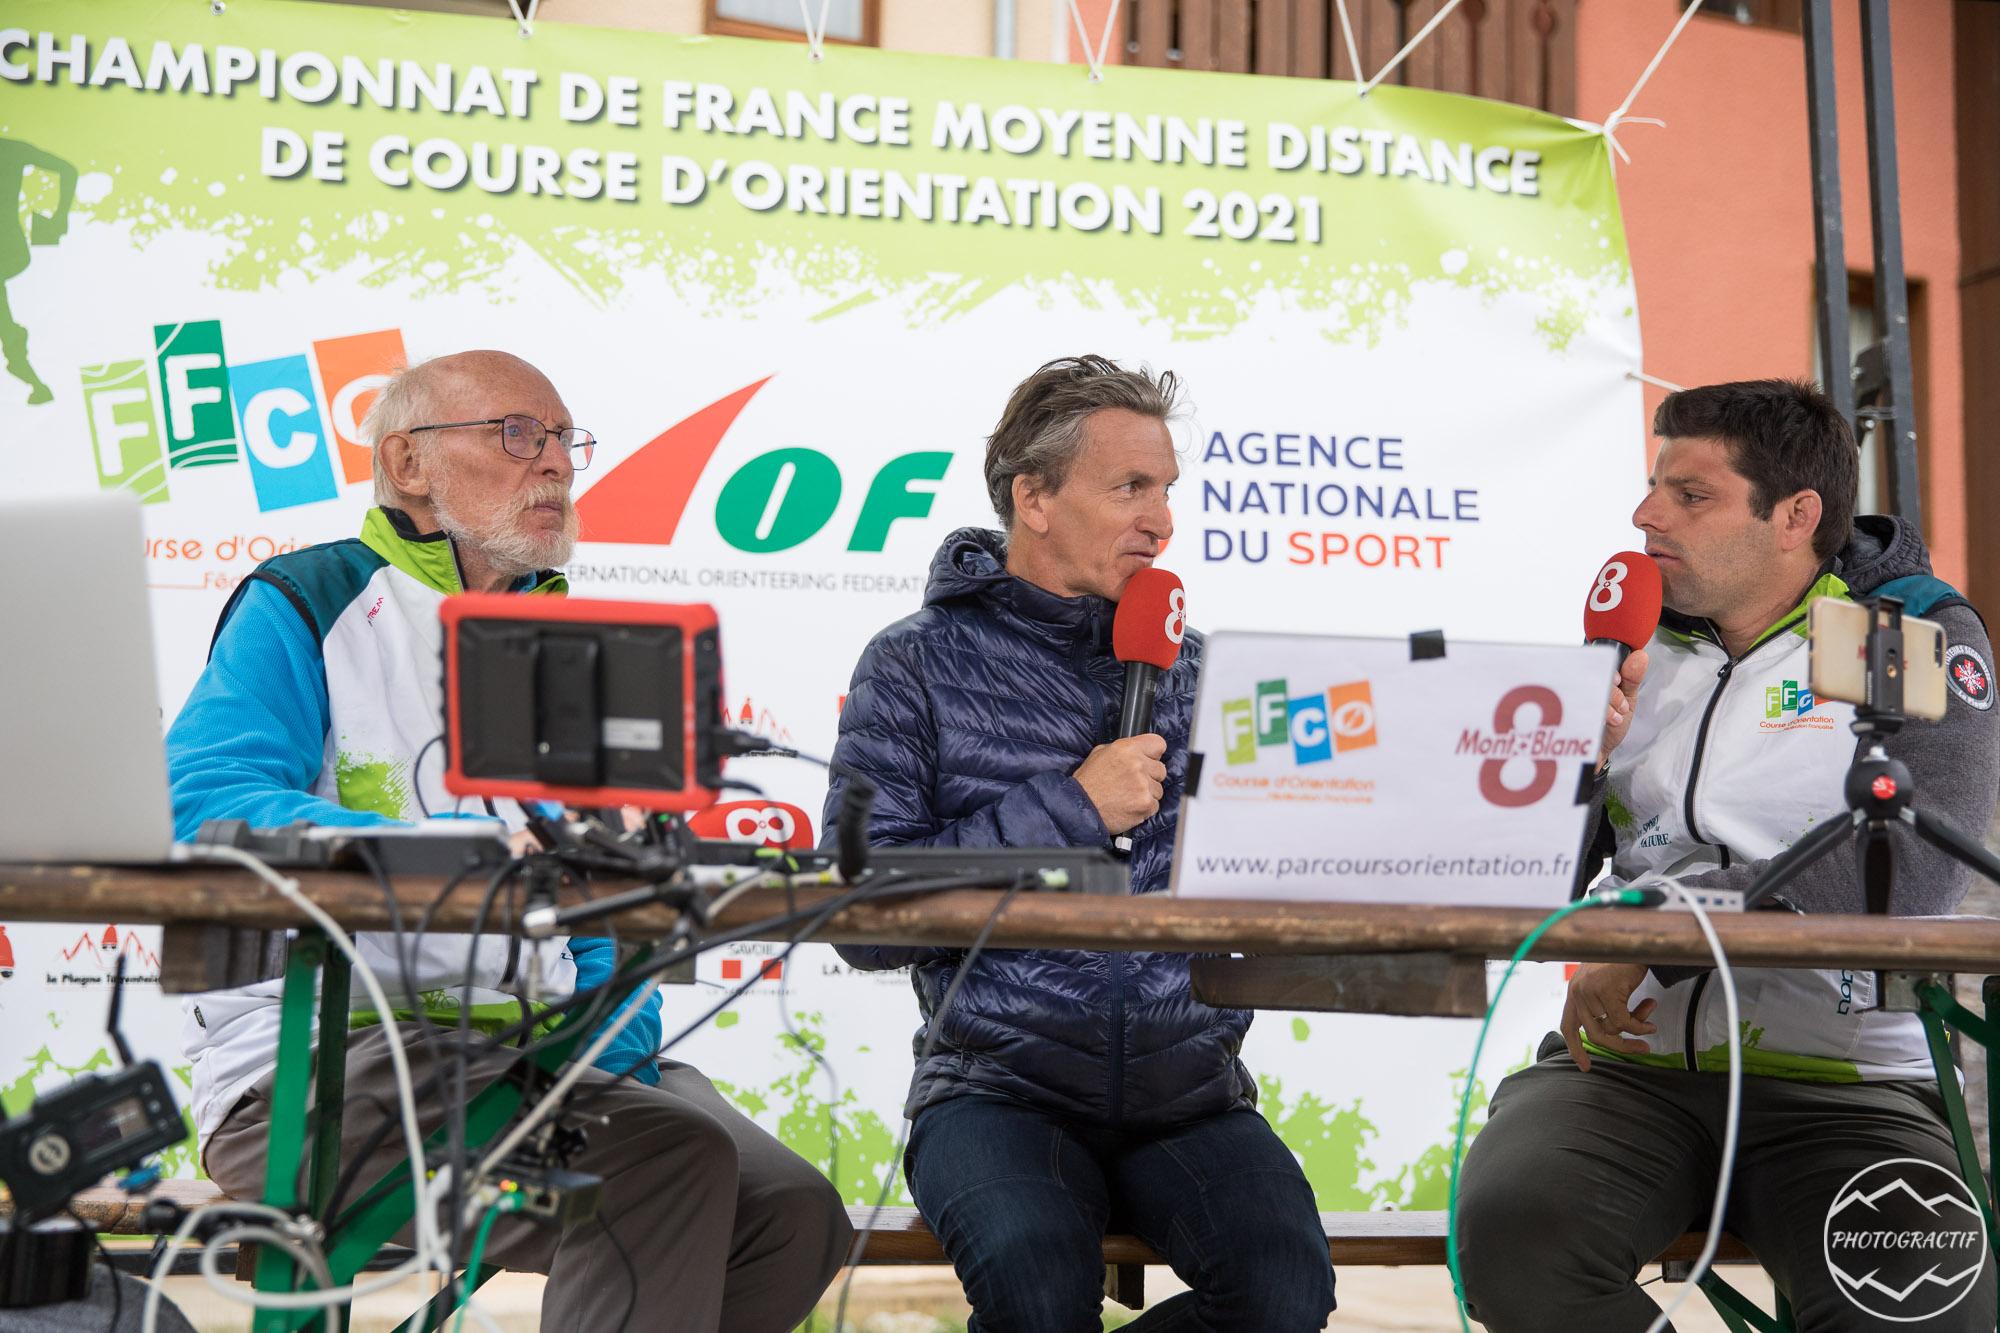 Nationale CO La Plagne MD (16)